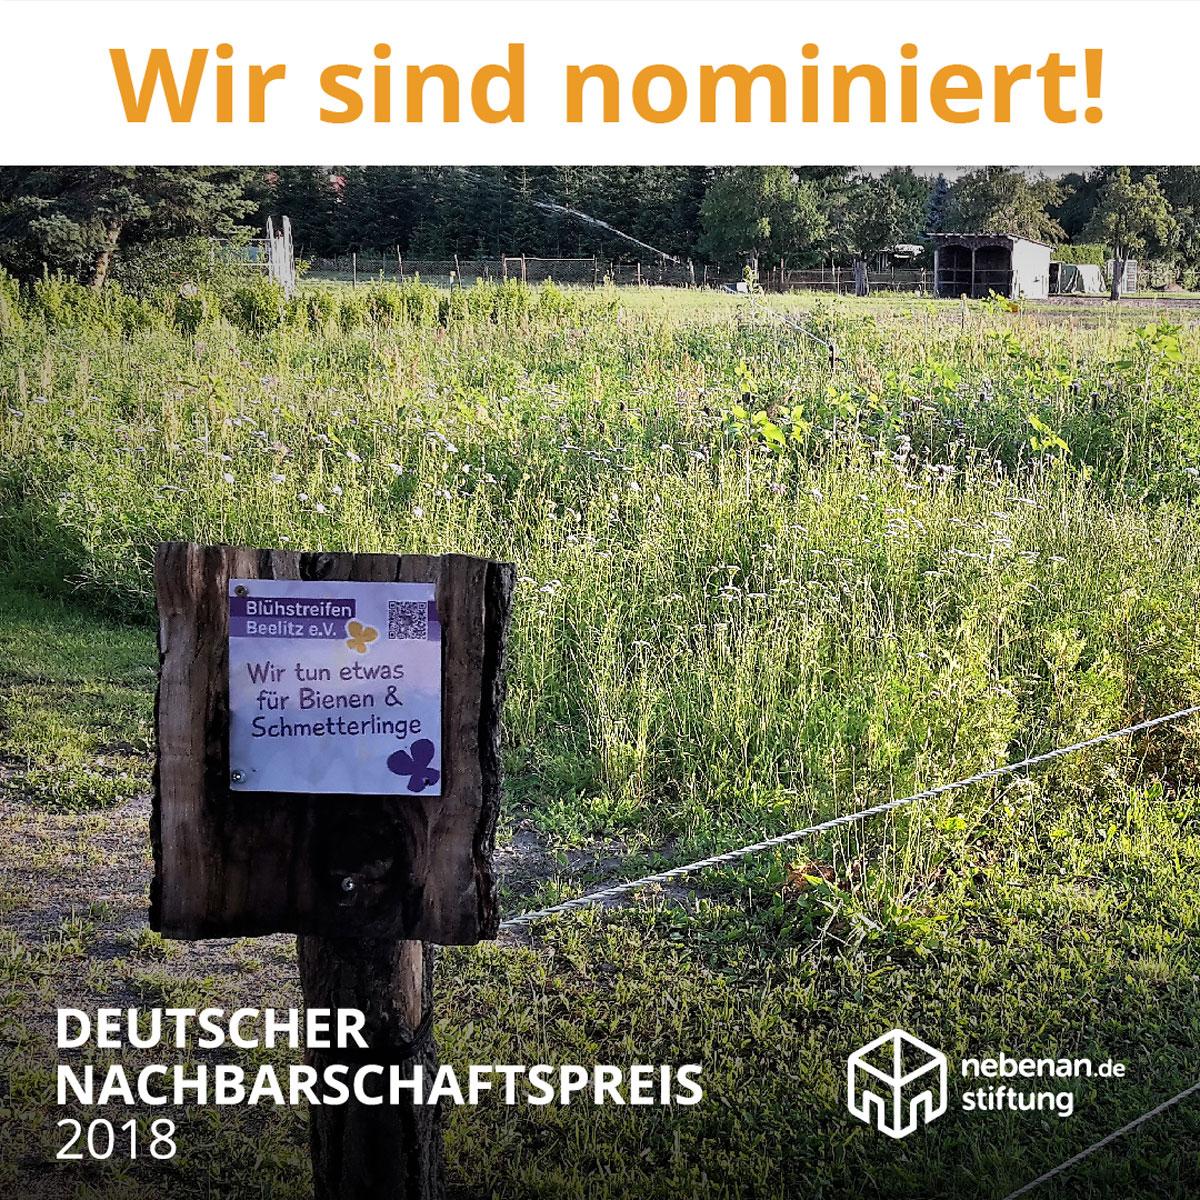 Wir sind nominiert Nachbarschaftspreis 2018